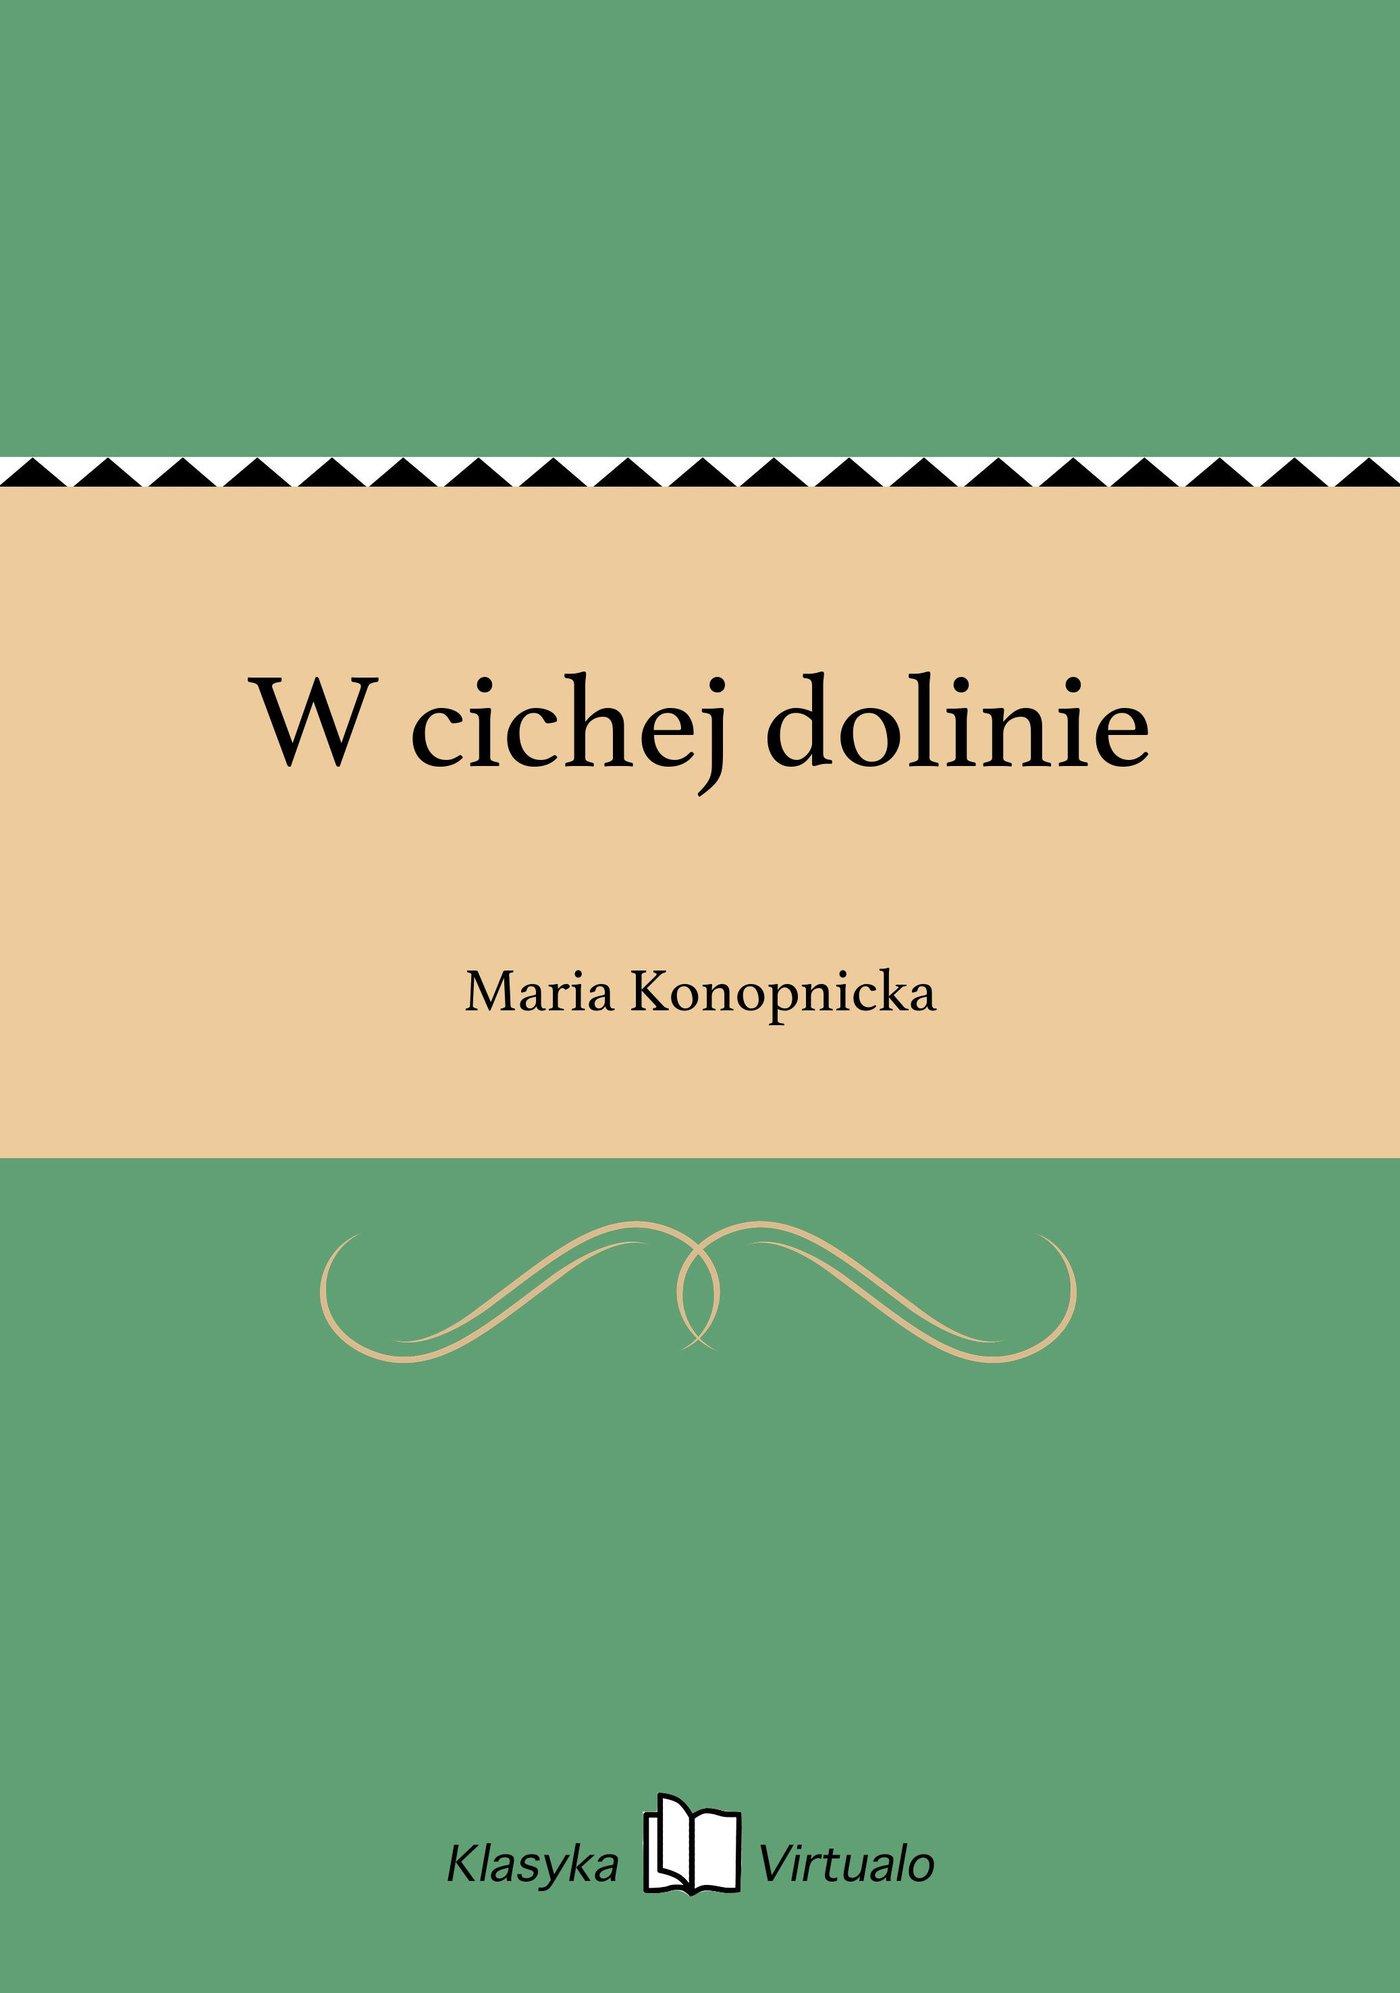 W cichej dolinie - Ebook (Książka na Kindle) do pobrania w formacie MOBI